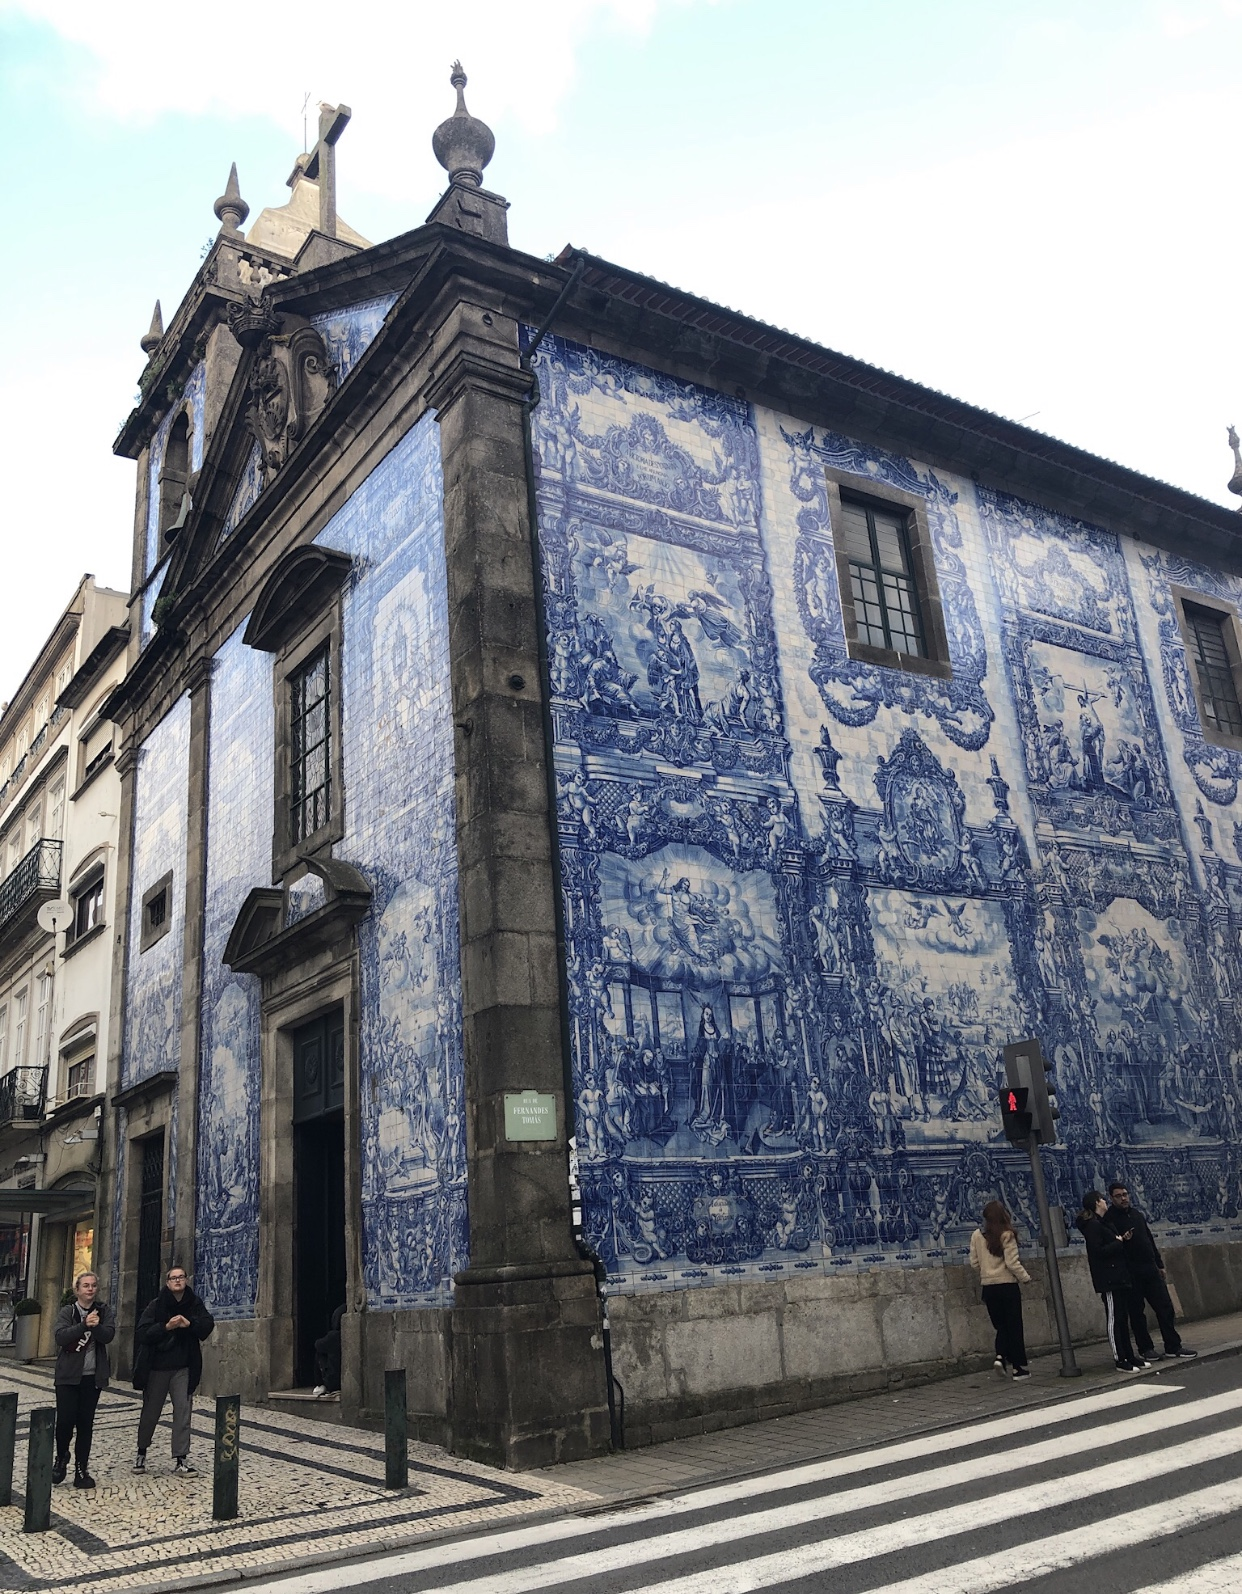 Porto-Reisebericht-Sightseeing-Tipps-Santa-Catarina-Miss-Suzie-Loves